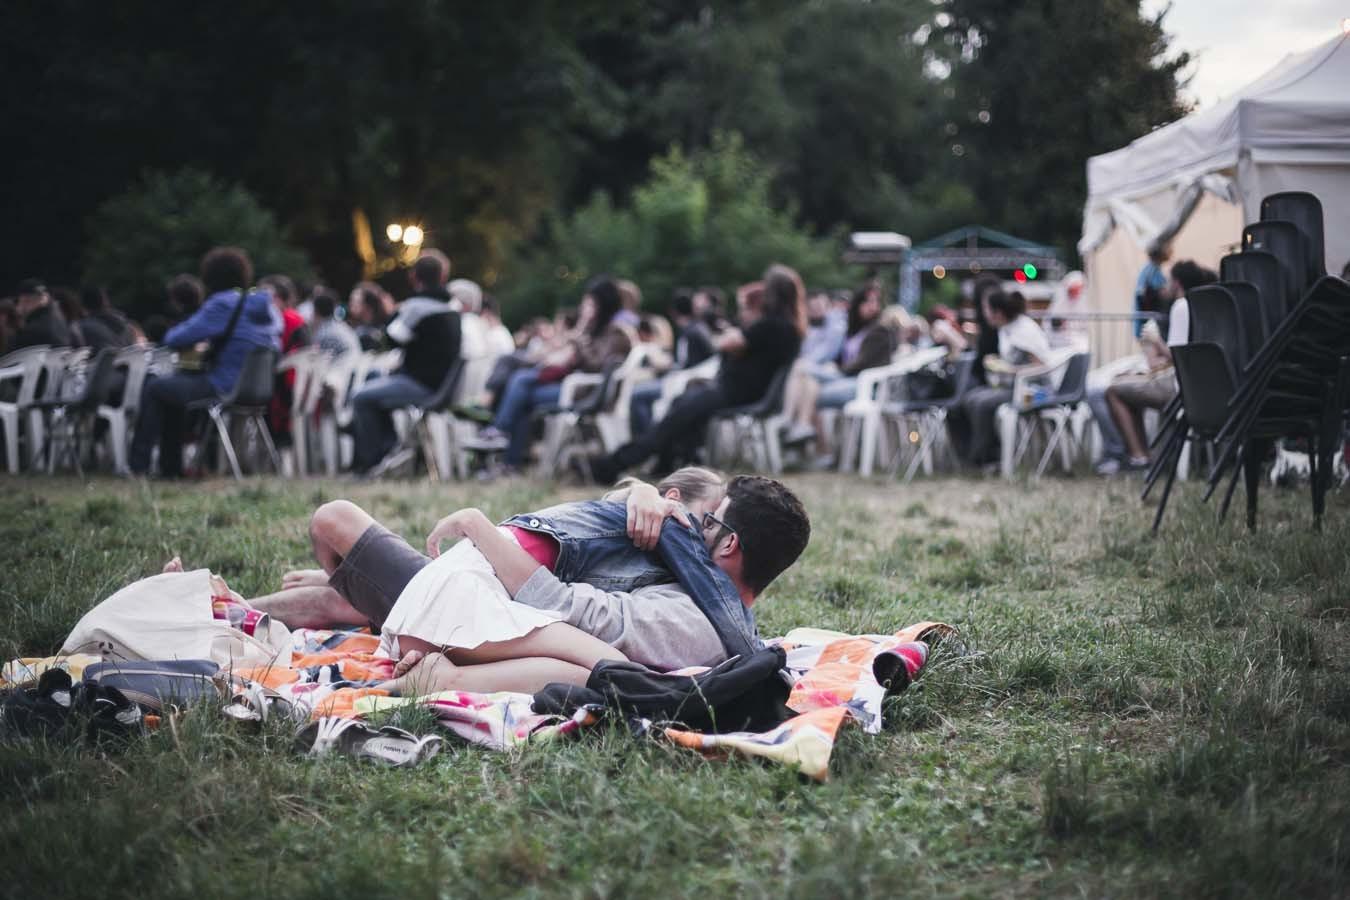 fotografo_eventi_concerti_festival_desio_tittoni_foto_marco_reggi_103